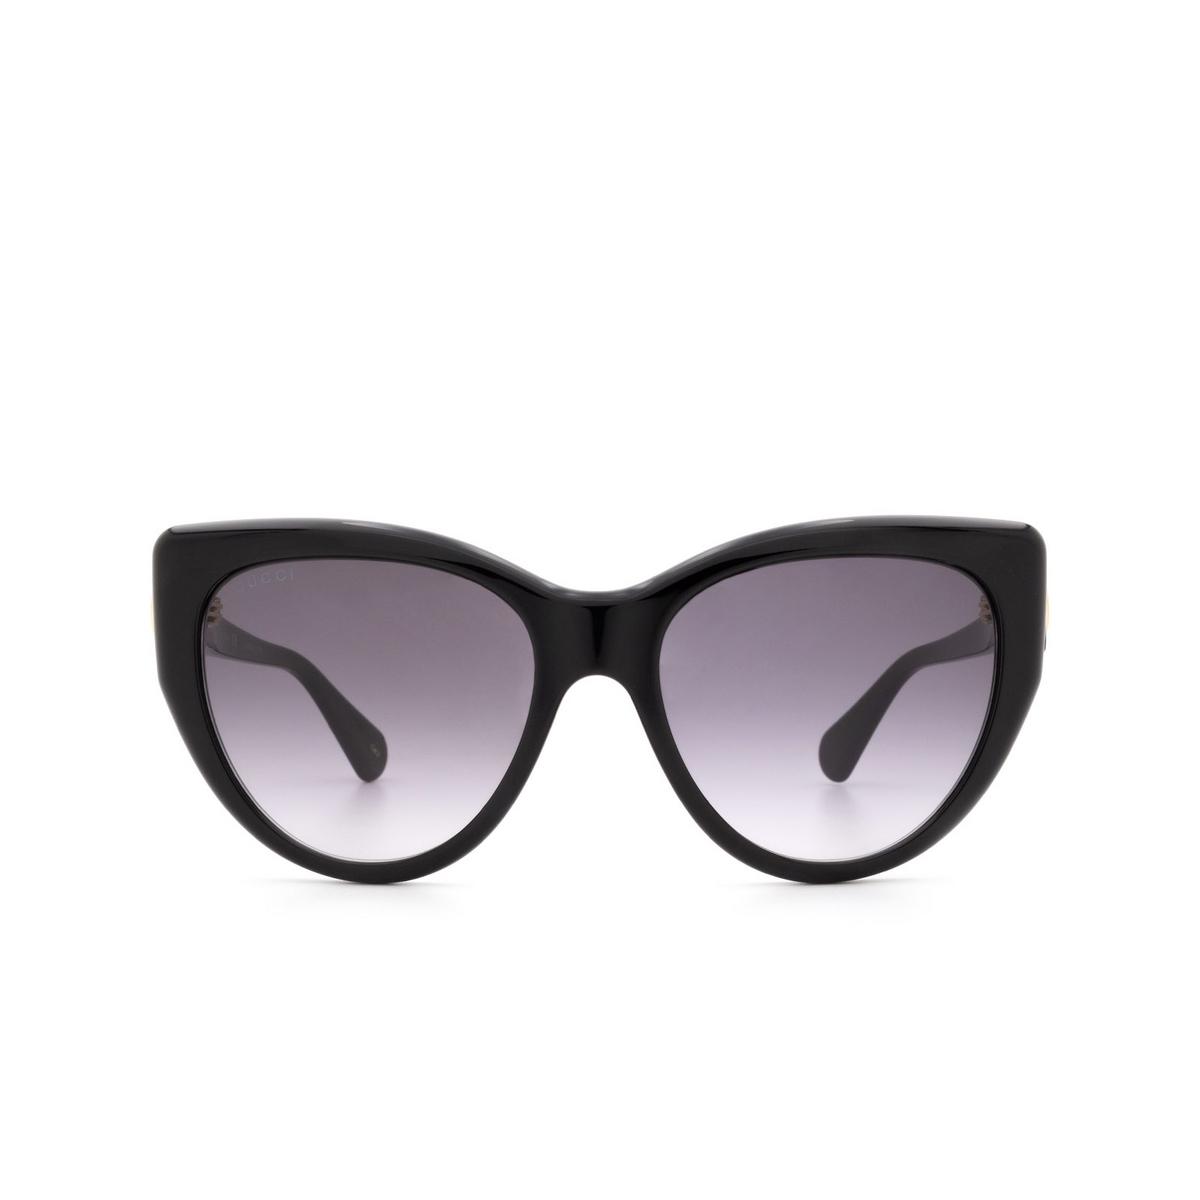 Gucci® Cat-eye Sunglasses: GG0877S color Black 001 - 1/3.